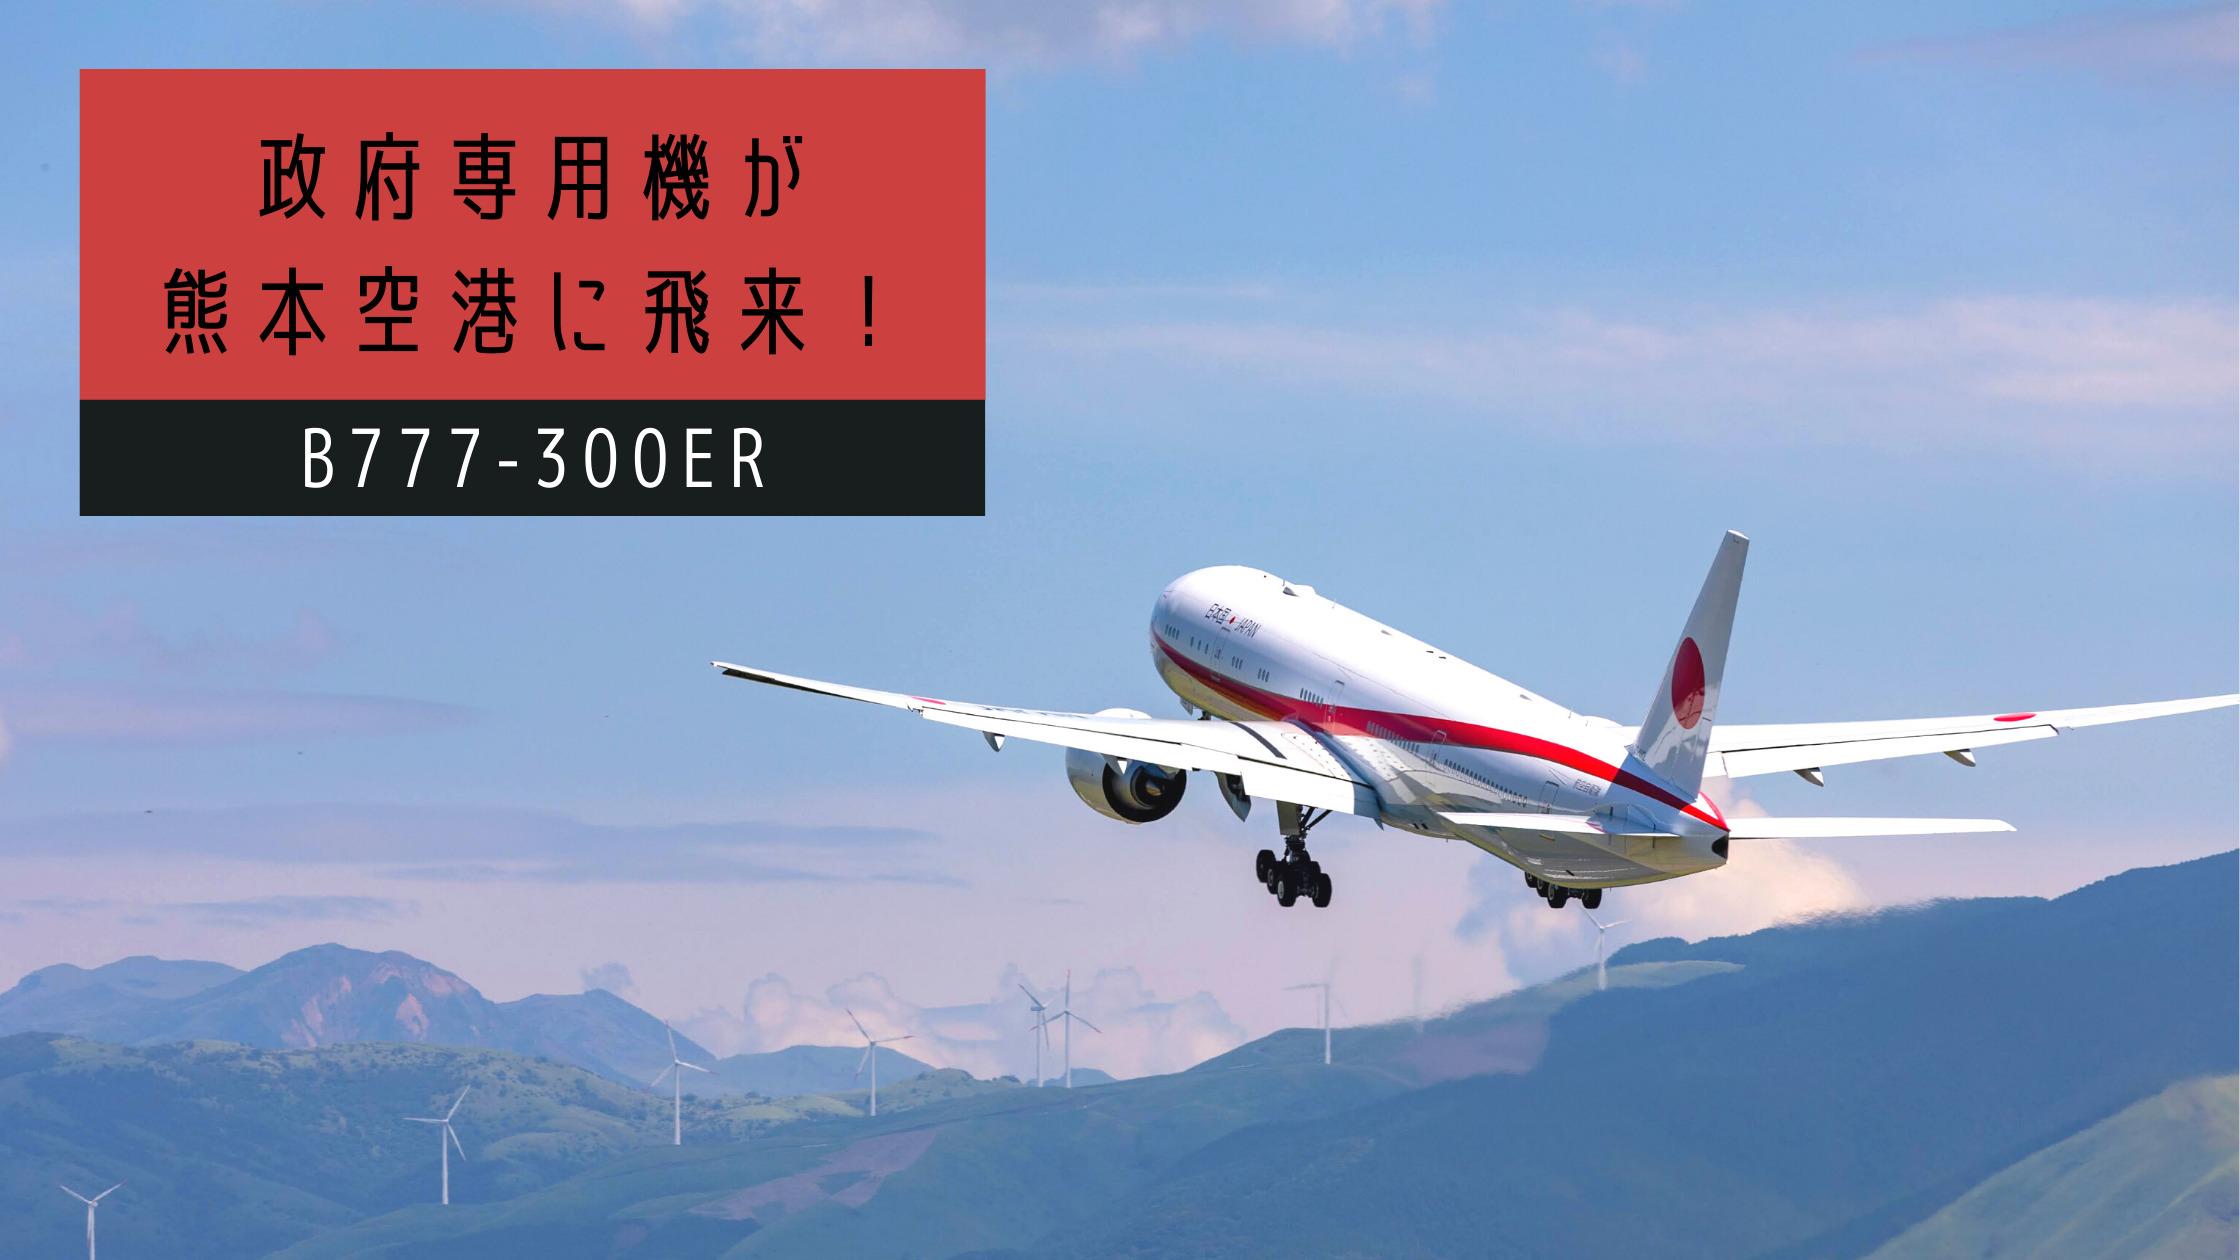 専用 機 政府 北朝鮮の政府専用機=オンボロはデタラメ…日本より安全、米国エアフォースワン並み